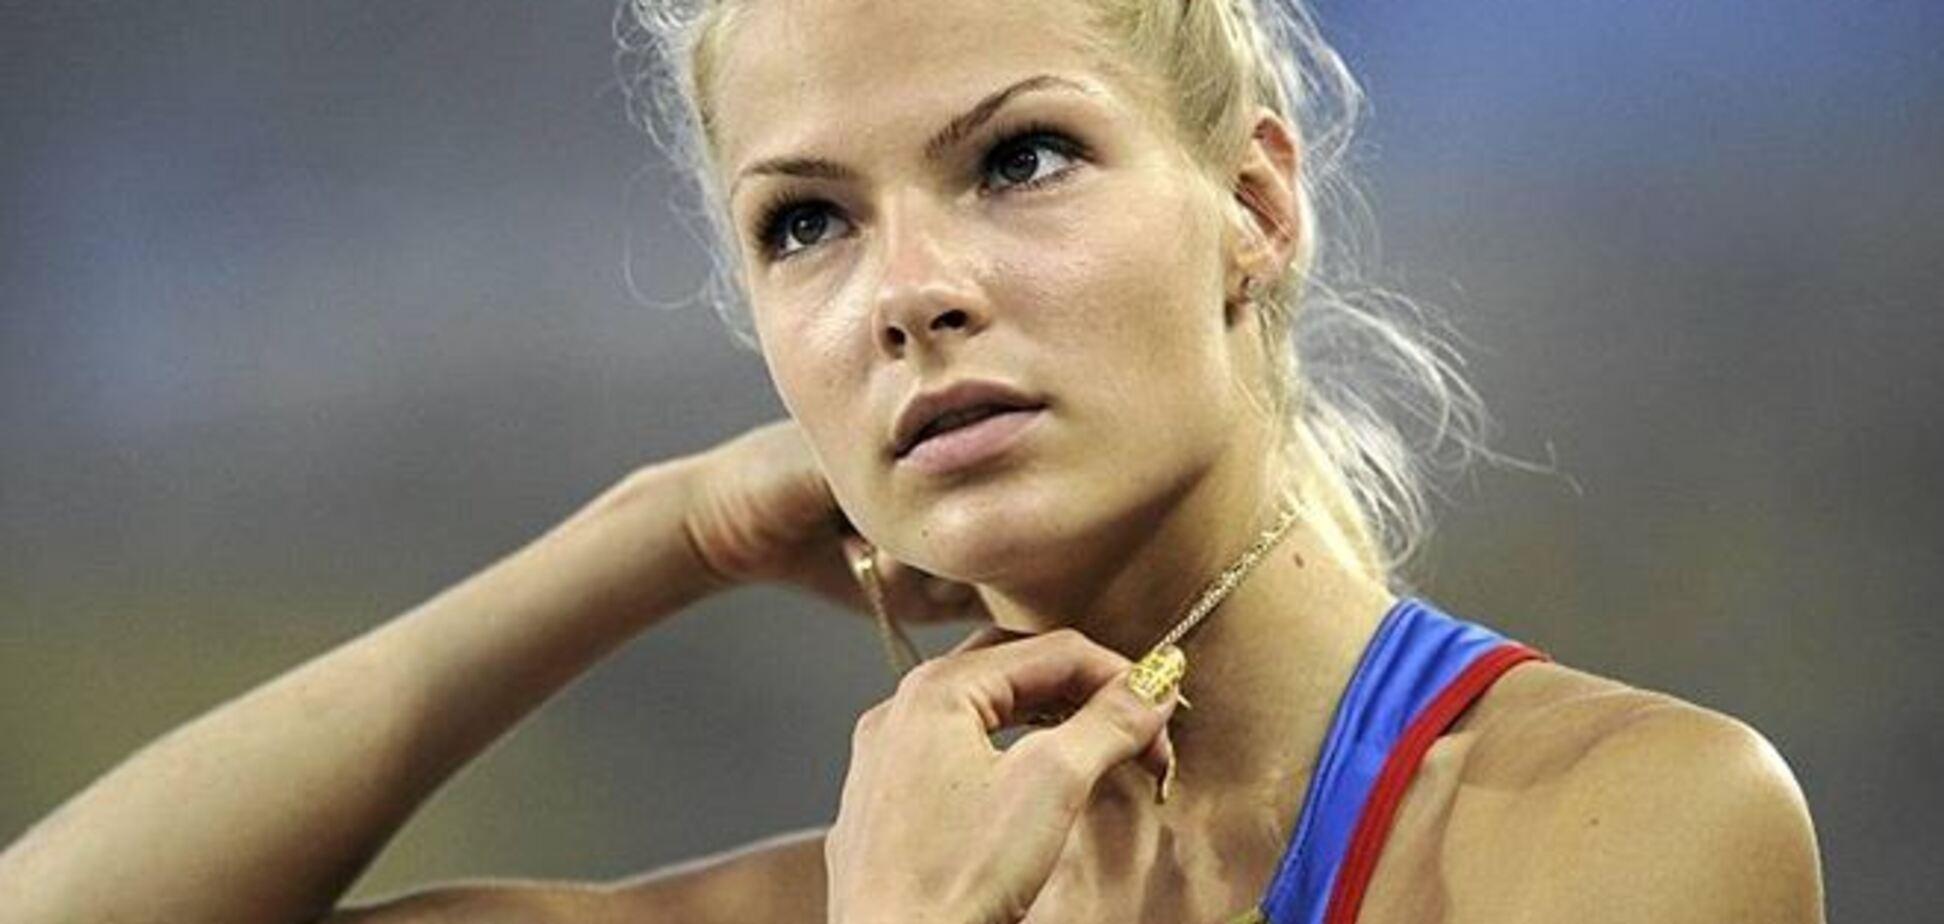 Названы самые сексуальные легкоатлетки ЧМ в Москве